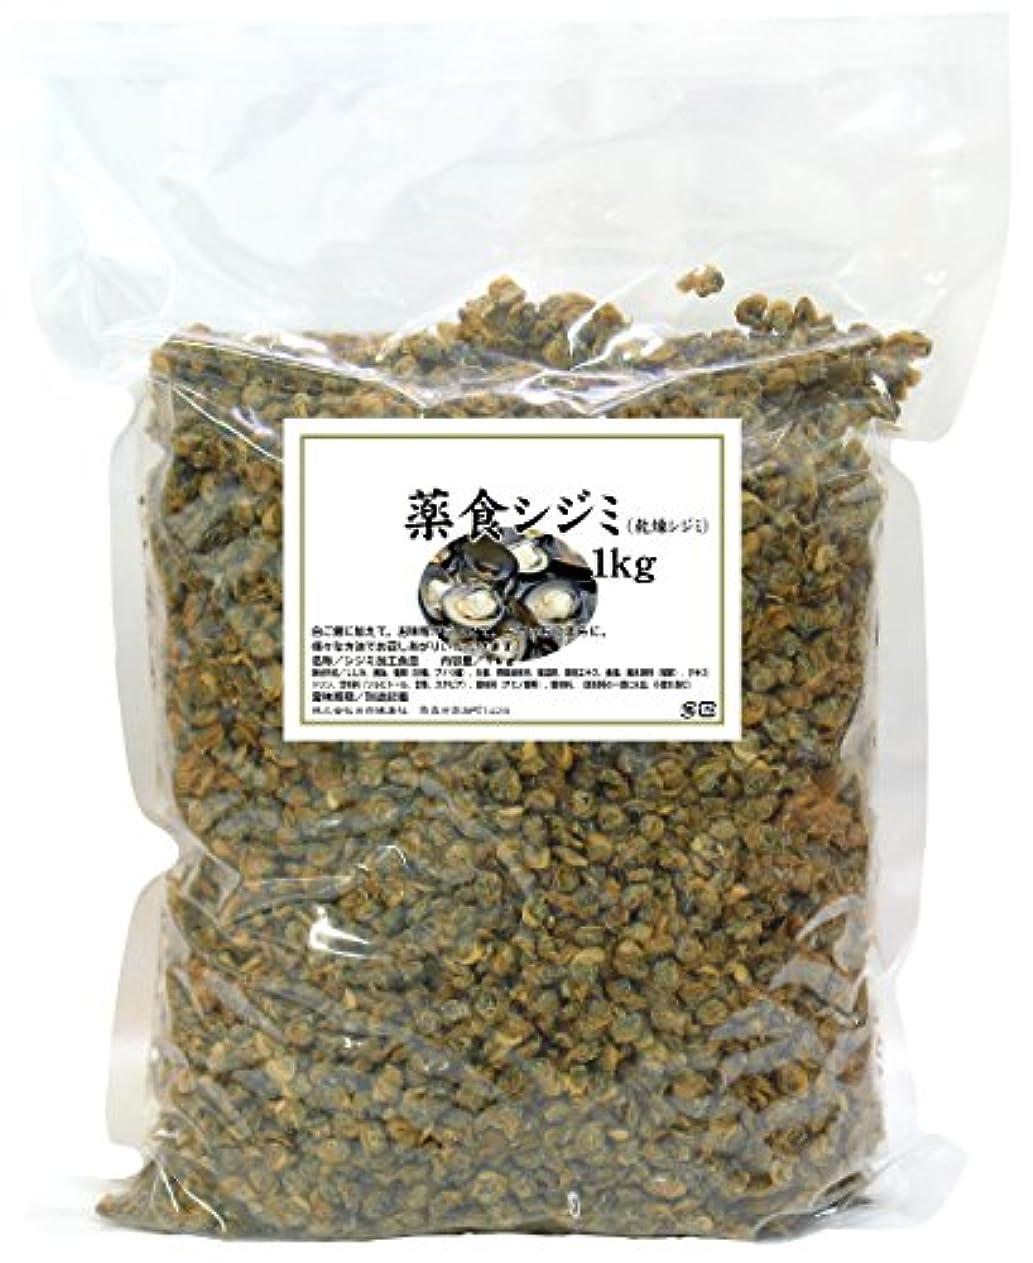 恵みバタフライこどもの宮殿乾燥シジミ1kg タウリン オルニチン 自然食品